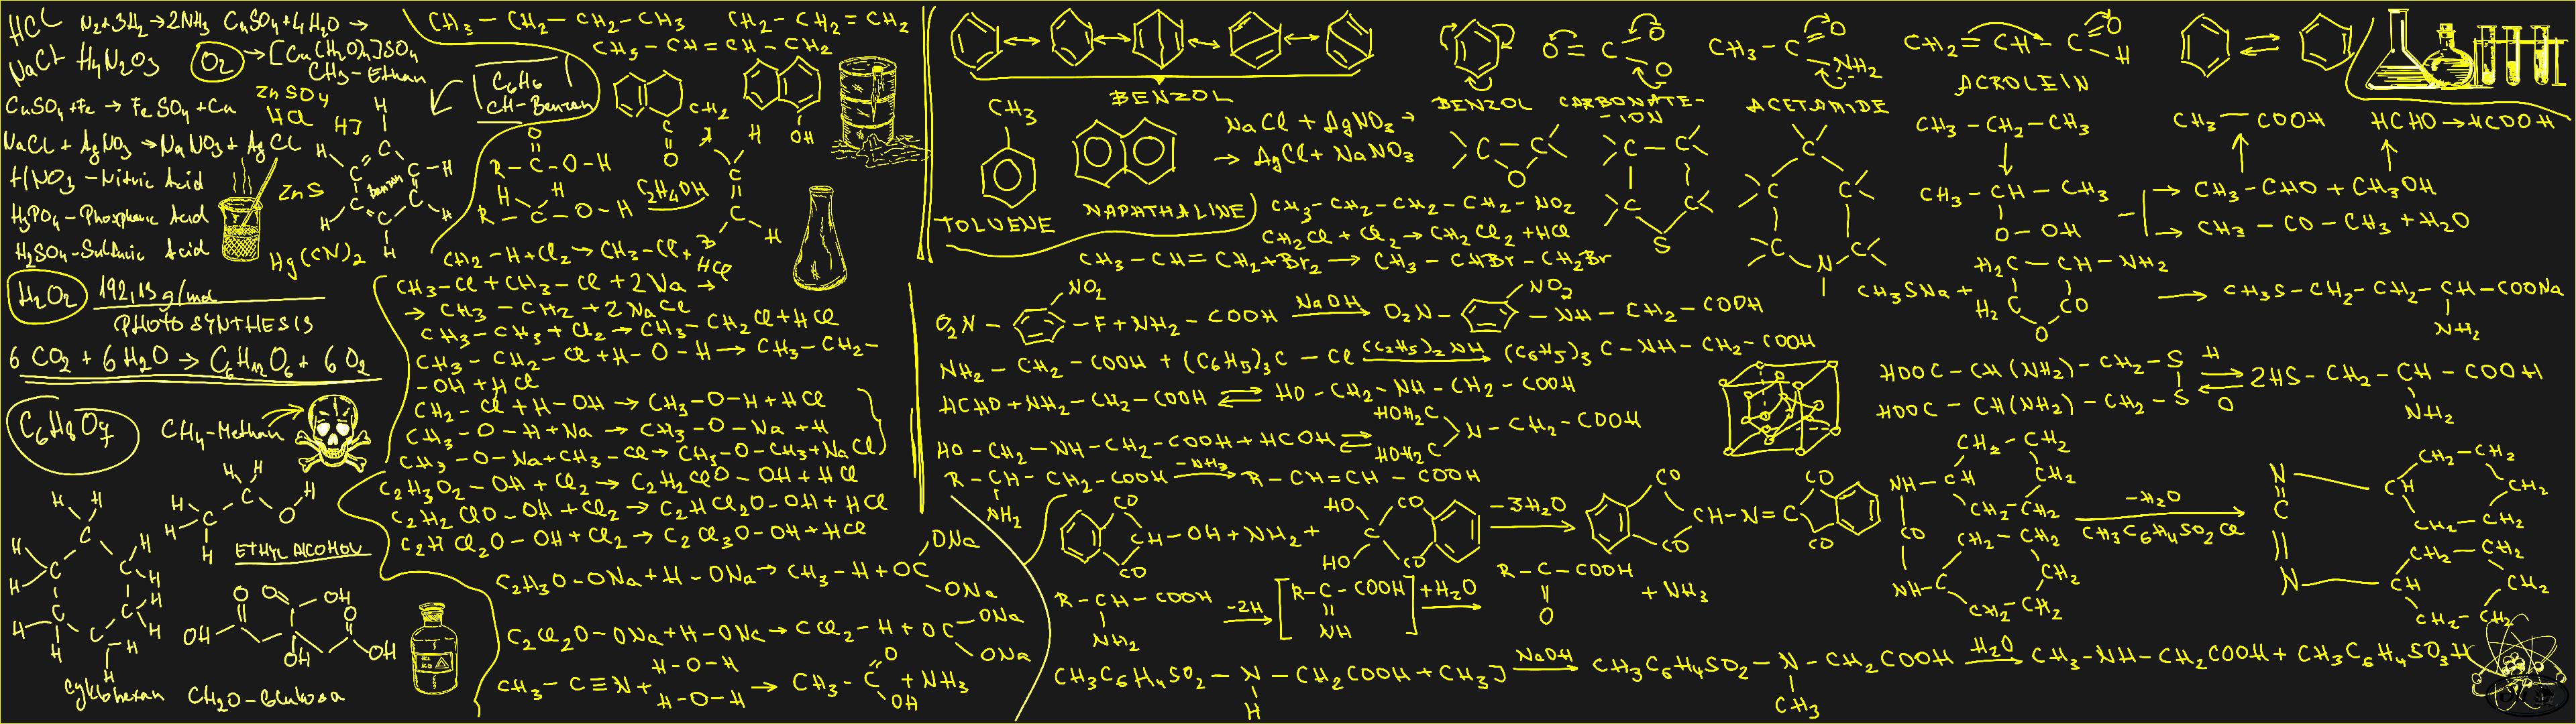 Organic Chemistry Wallpaper - WallpaperSafari